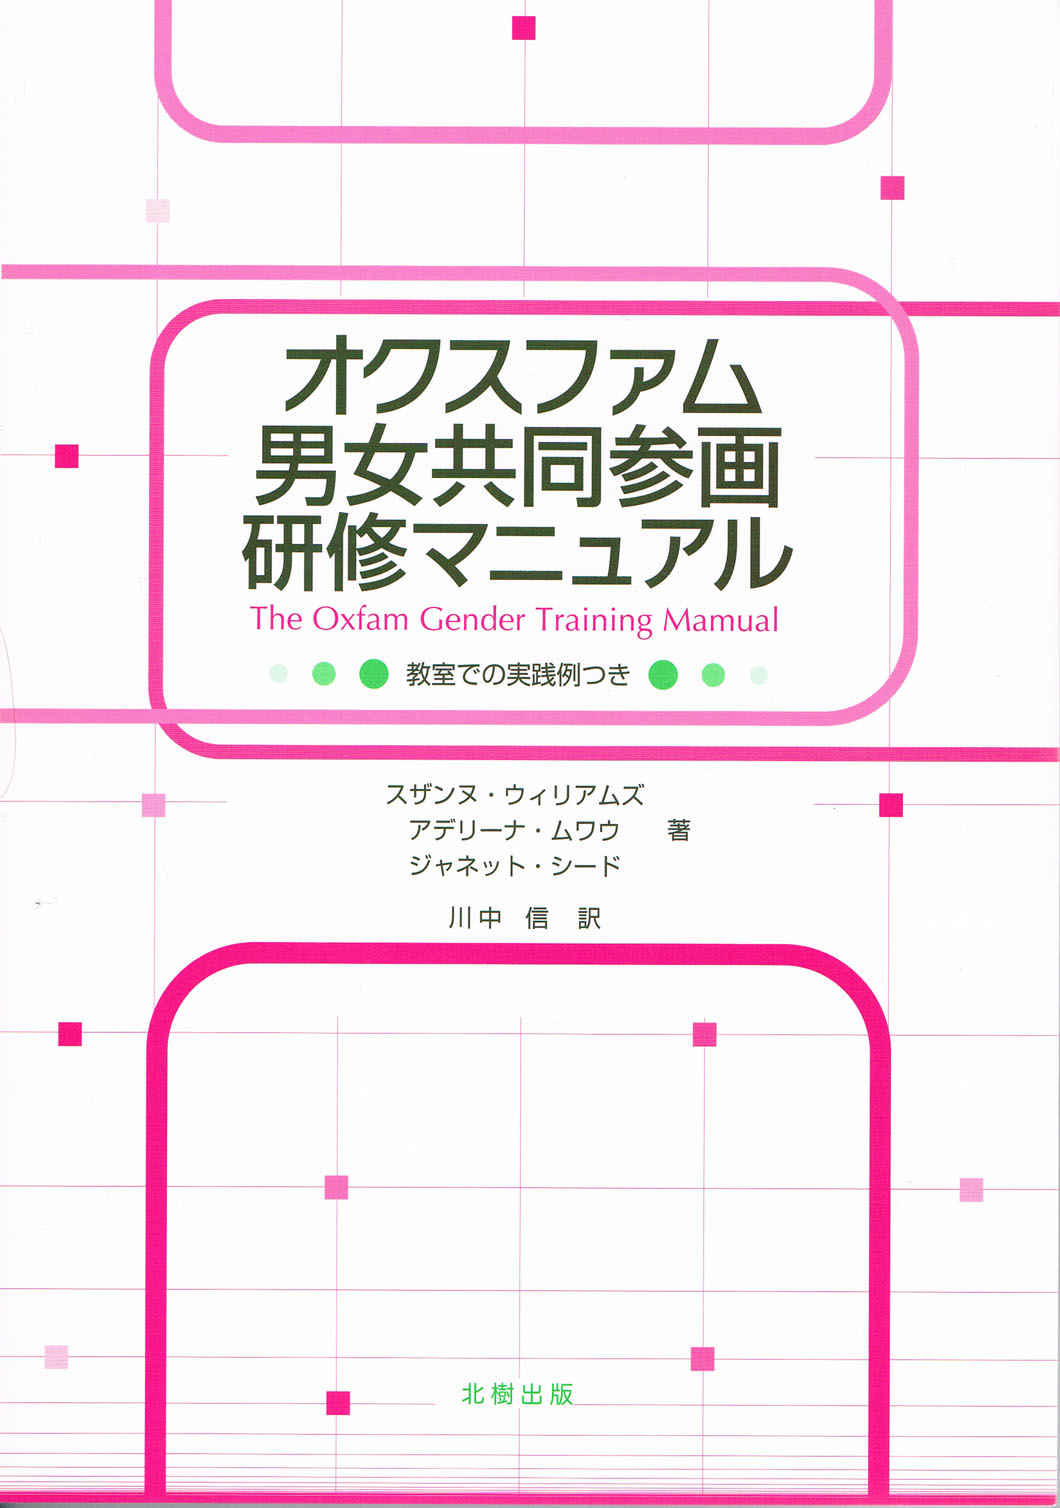 オクスファム男女共同参画研修マニュアル